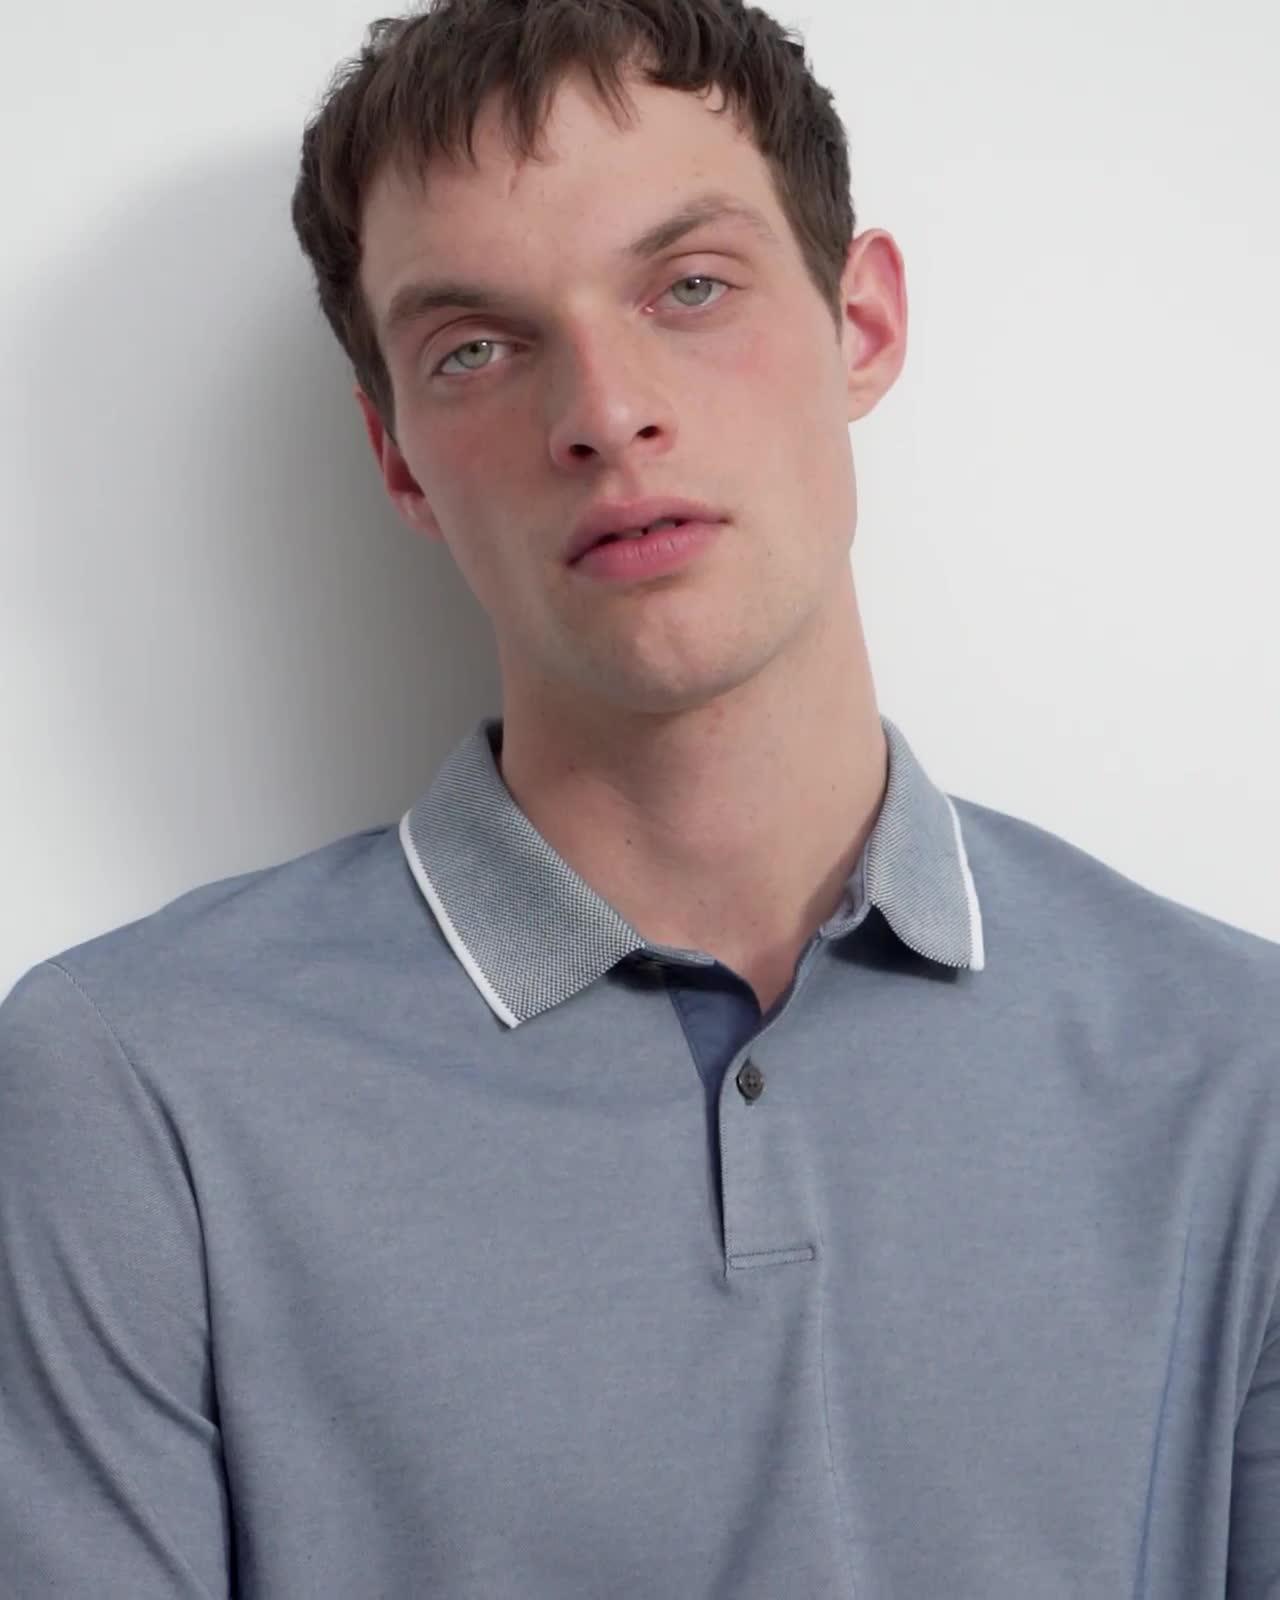 Standard Polo Shirt in Piqué Cotton